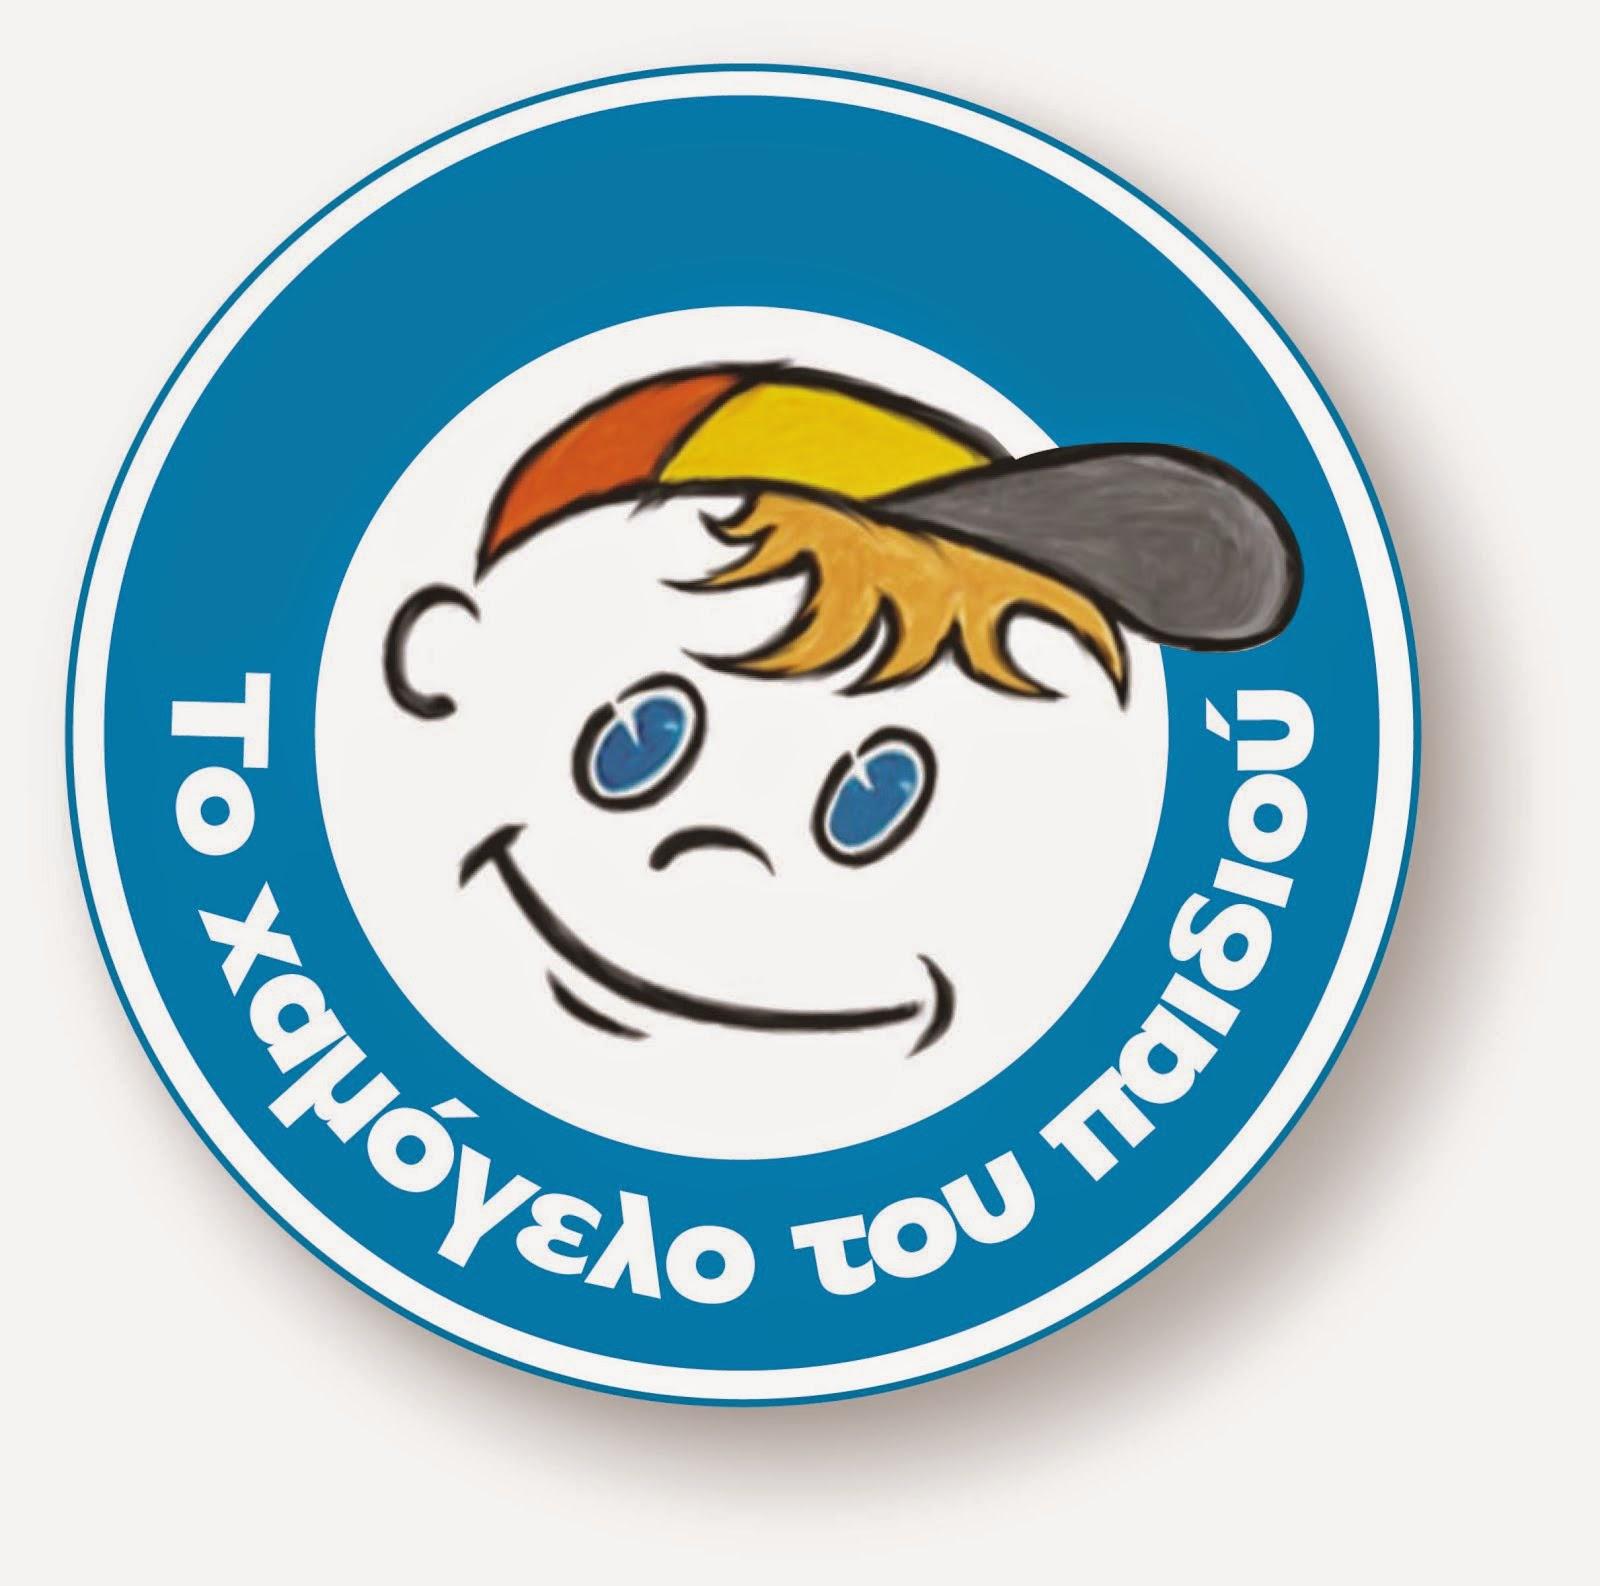 Το e-fortio.gr στηρίζει τον Εθελοντικό Οργανισμό «Το Χαμόγελο Του Παιδιού»